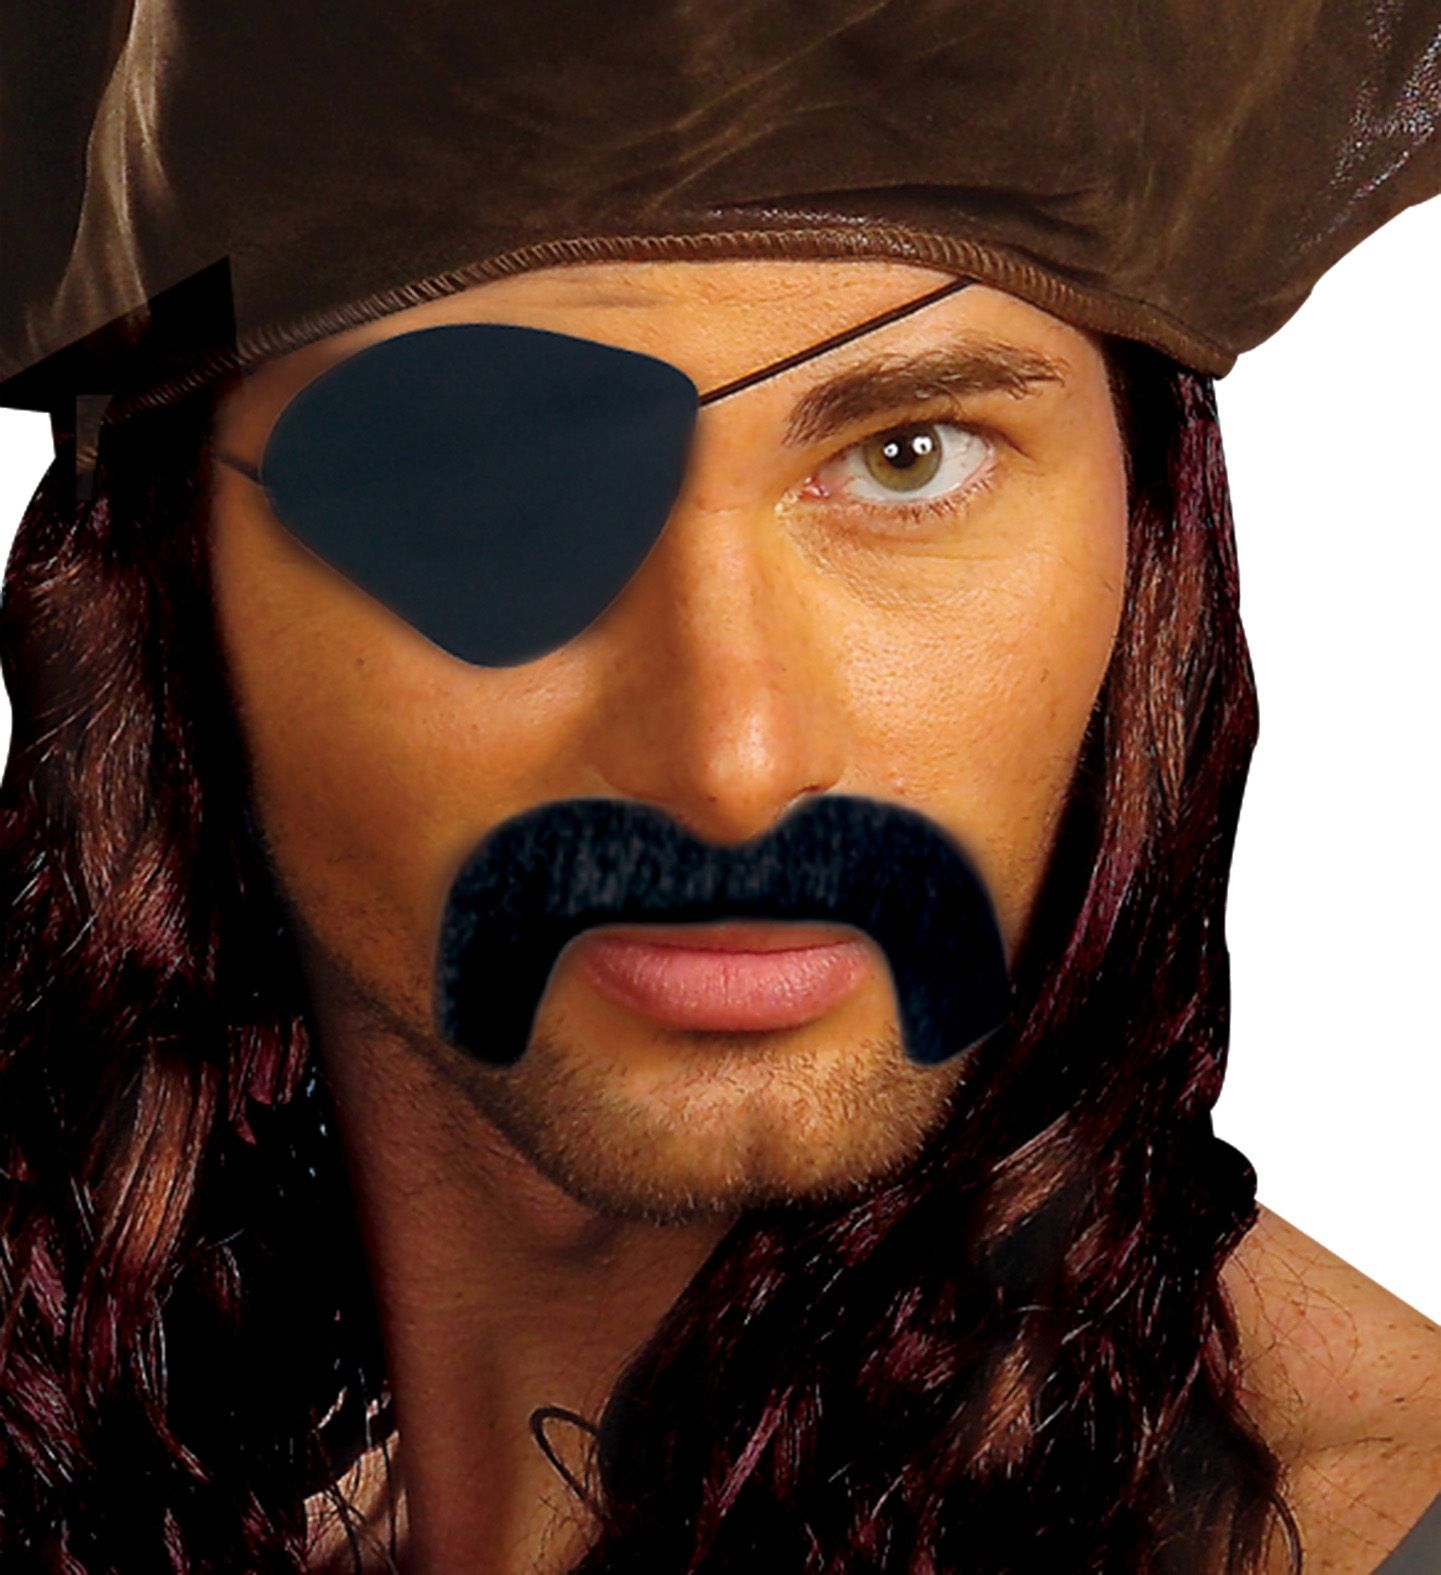 Zwarte snor met ooglap piraat